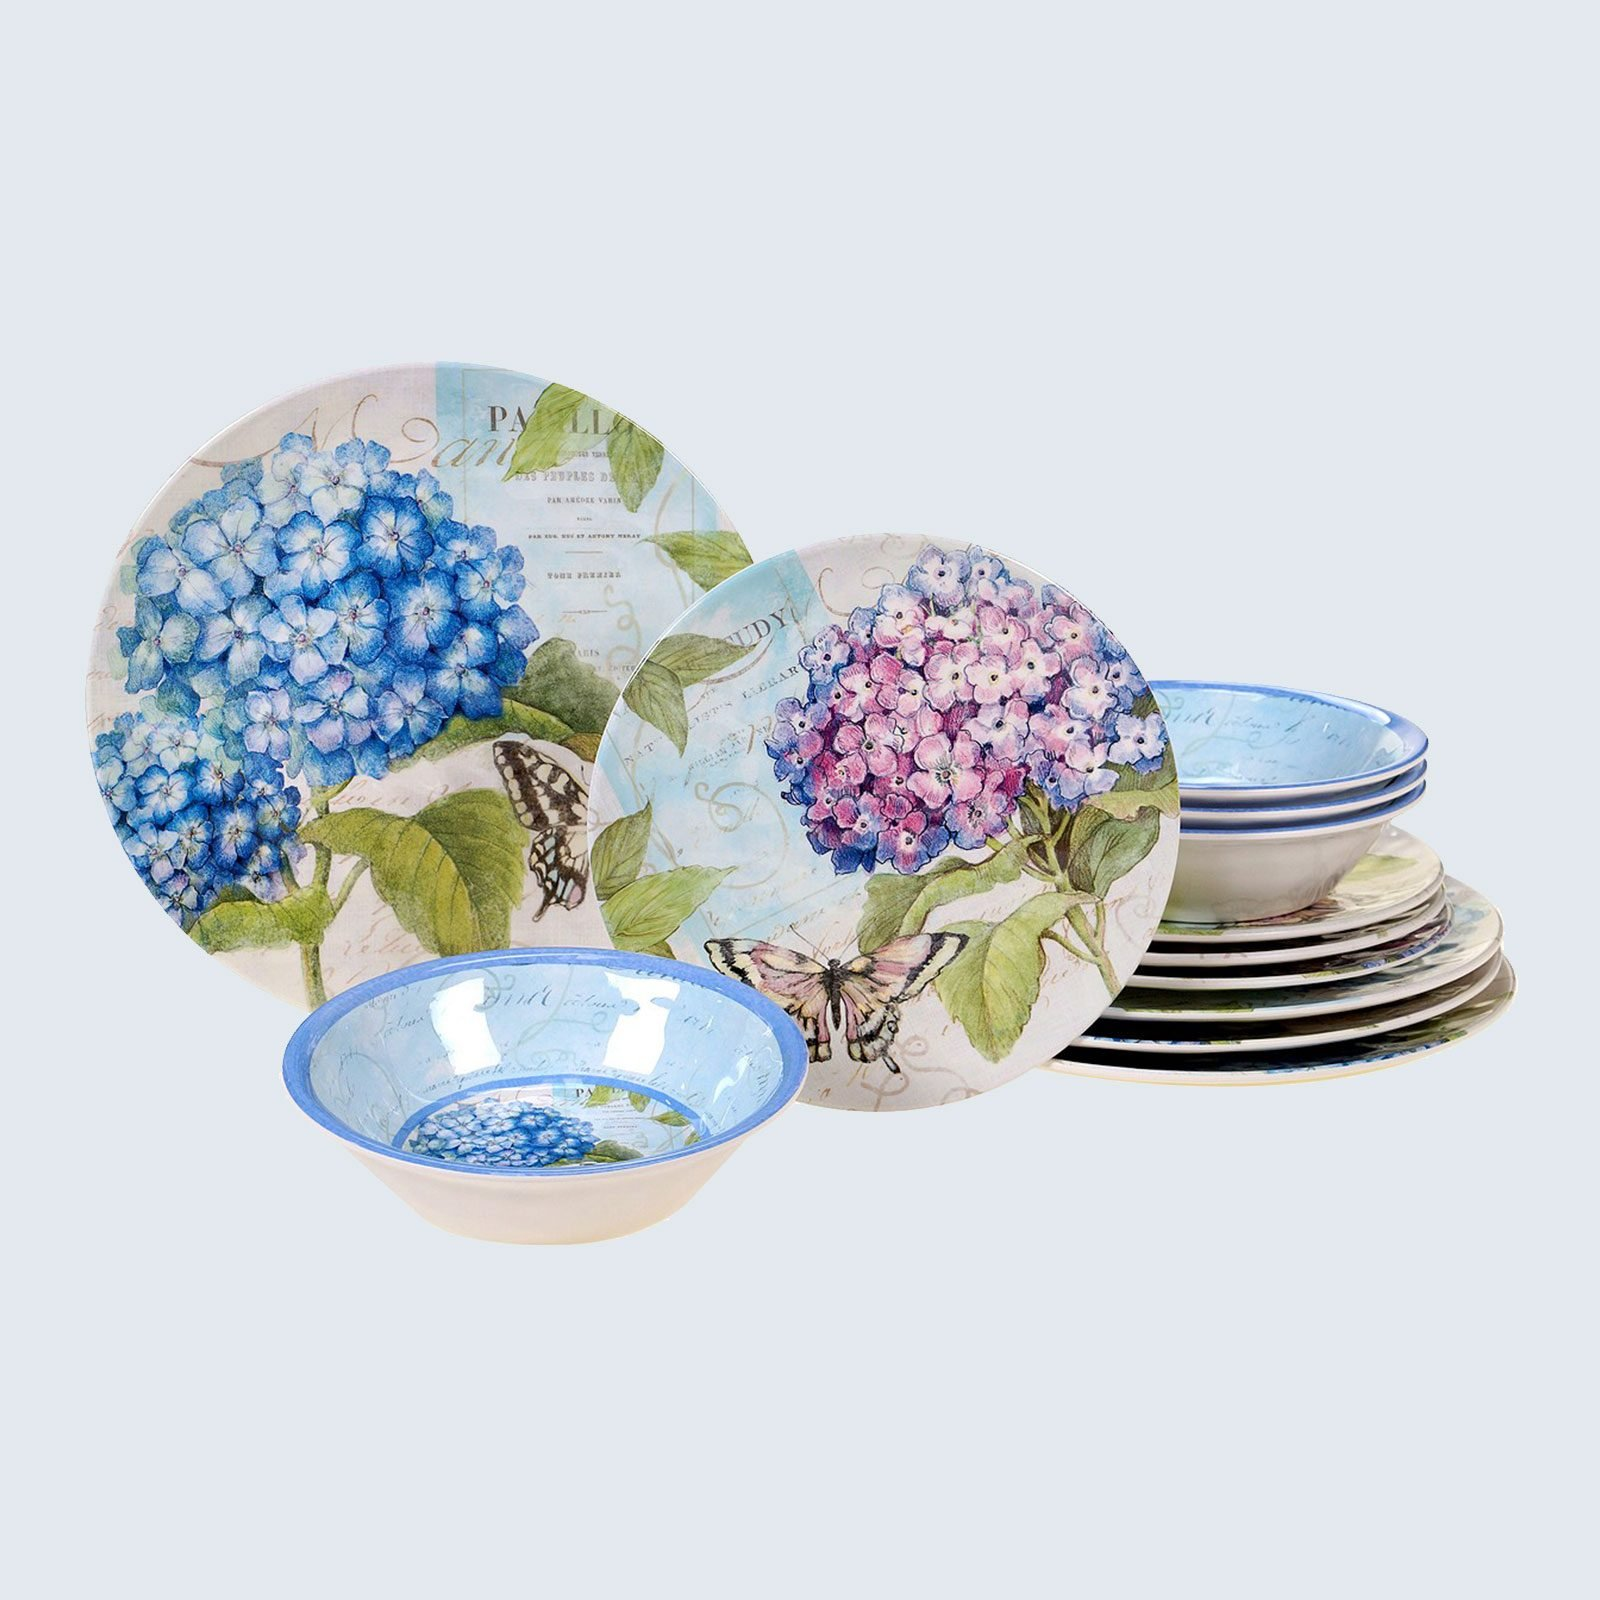 Hydrangea Garden Melamine Dinnerware Collection